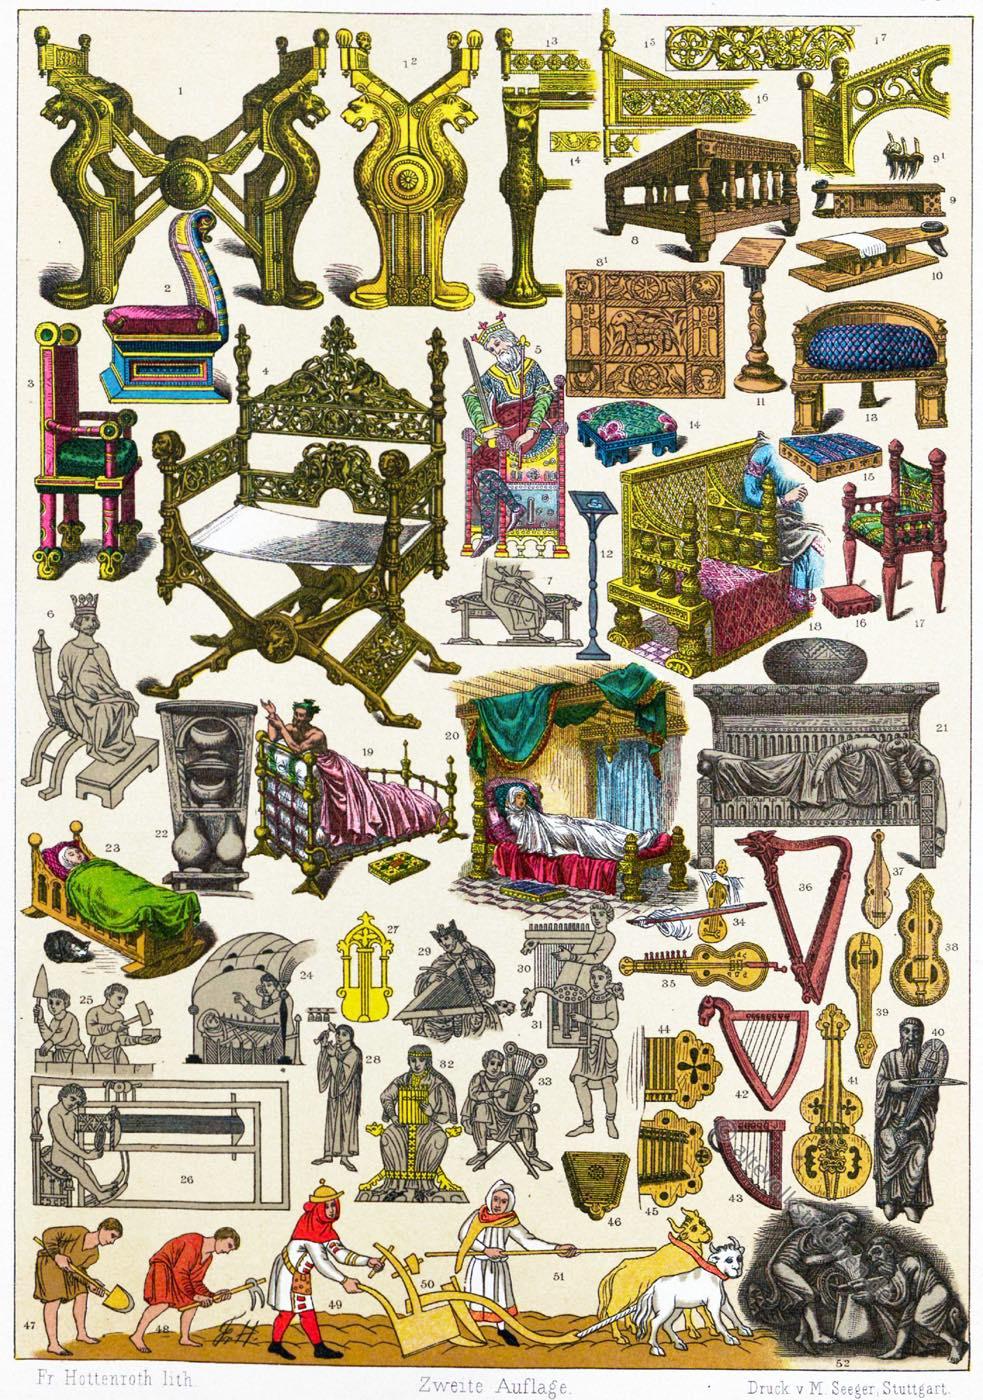 Franken, Frankenreich, Mittelalter, Thronsessel, Mobiliar, Musikinstrumente, Gewandung,